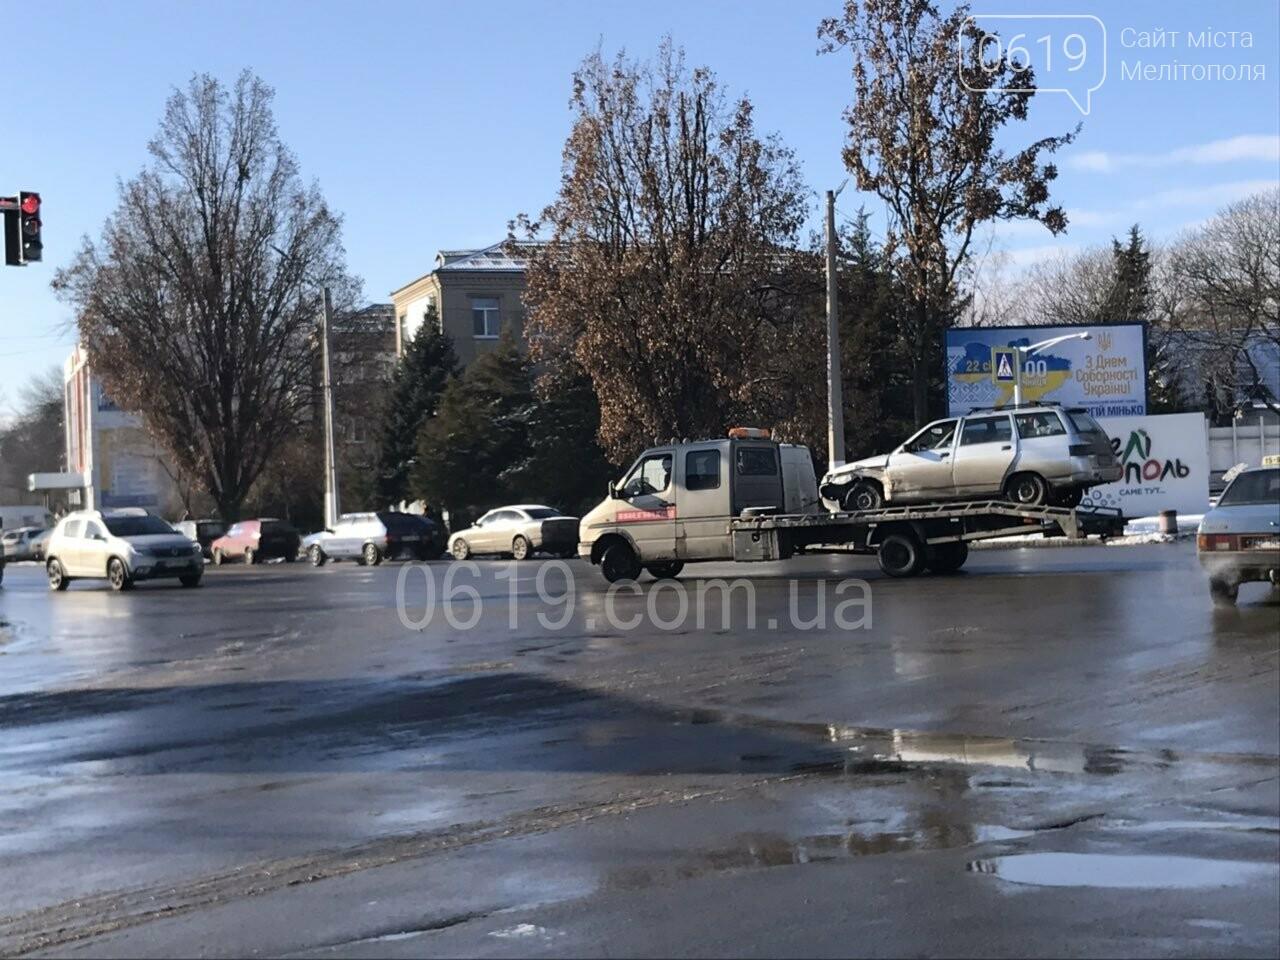 """В Мелитополе """"лоб в лоб"""" столкнулись два автомобиля, - ФОТО , фото-3"""